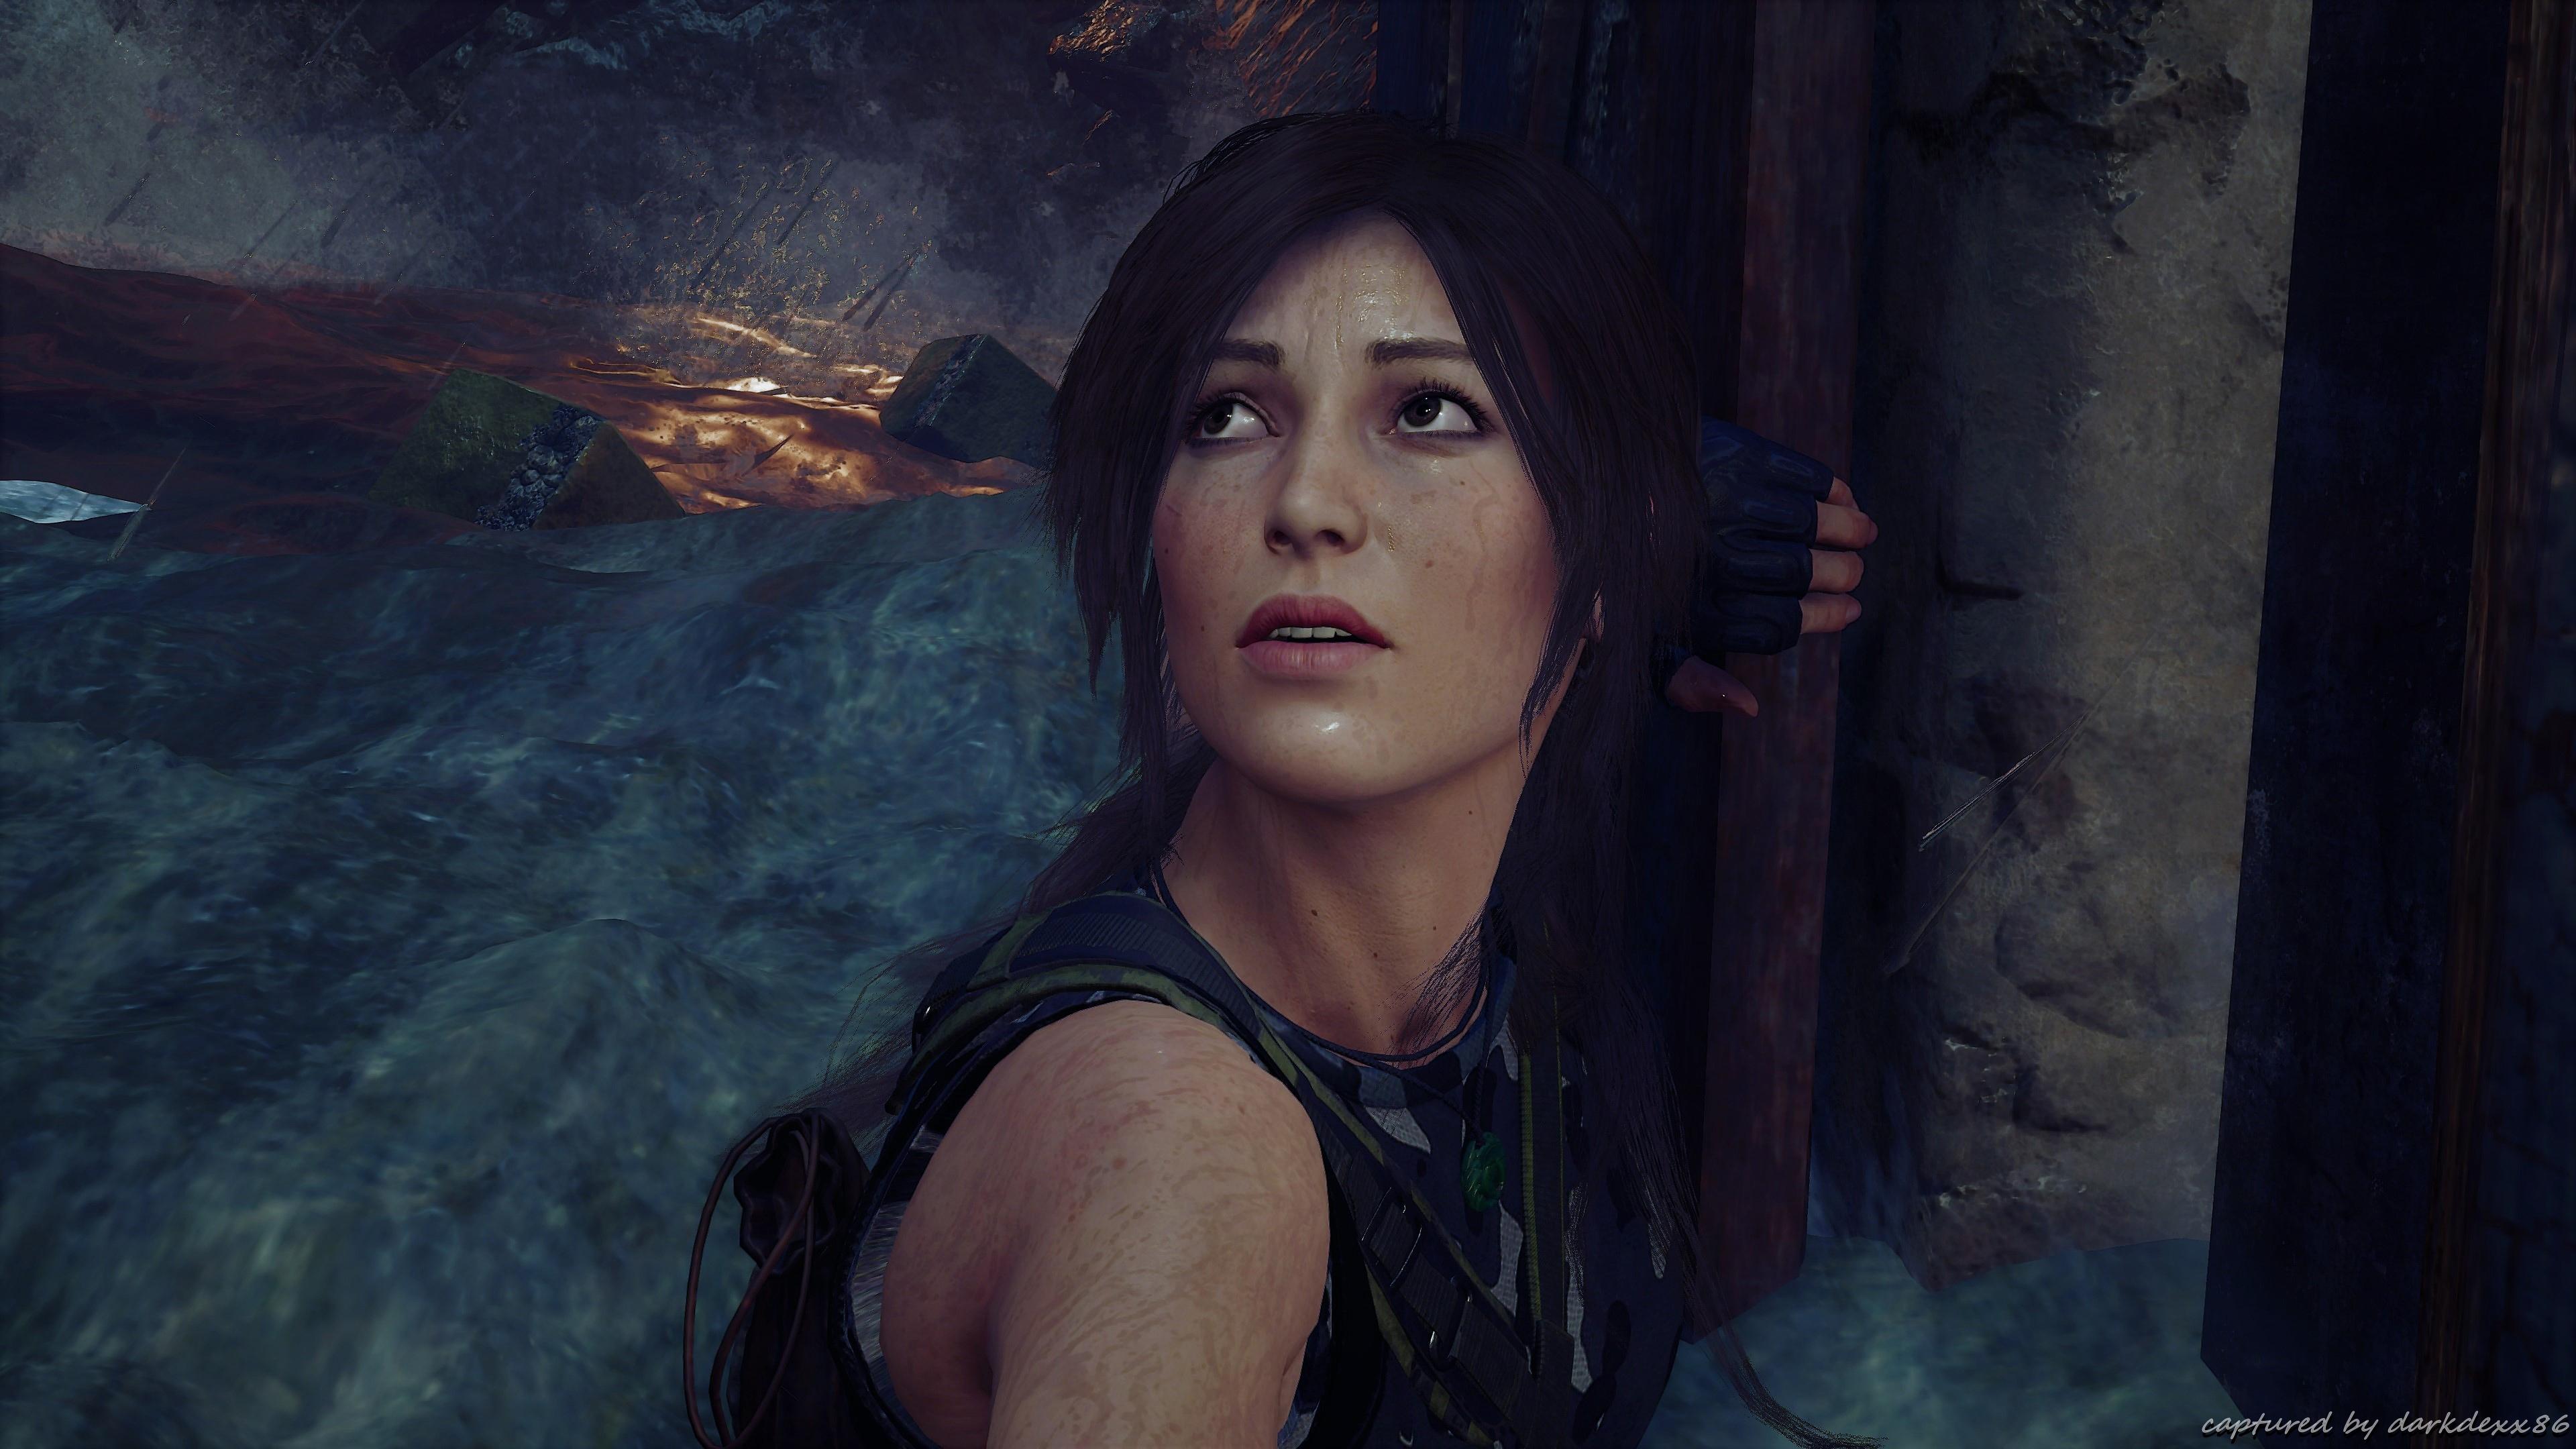 3840x2160 Shadow Of The Tomb Raider Lara Croft 4k 4k Hd 4k